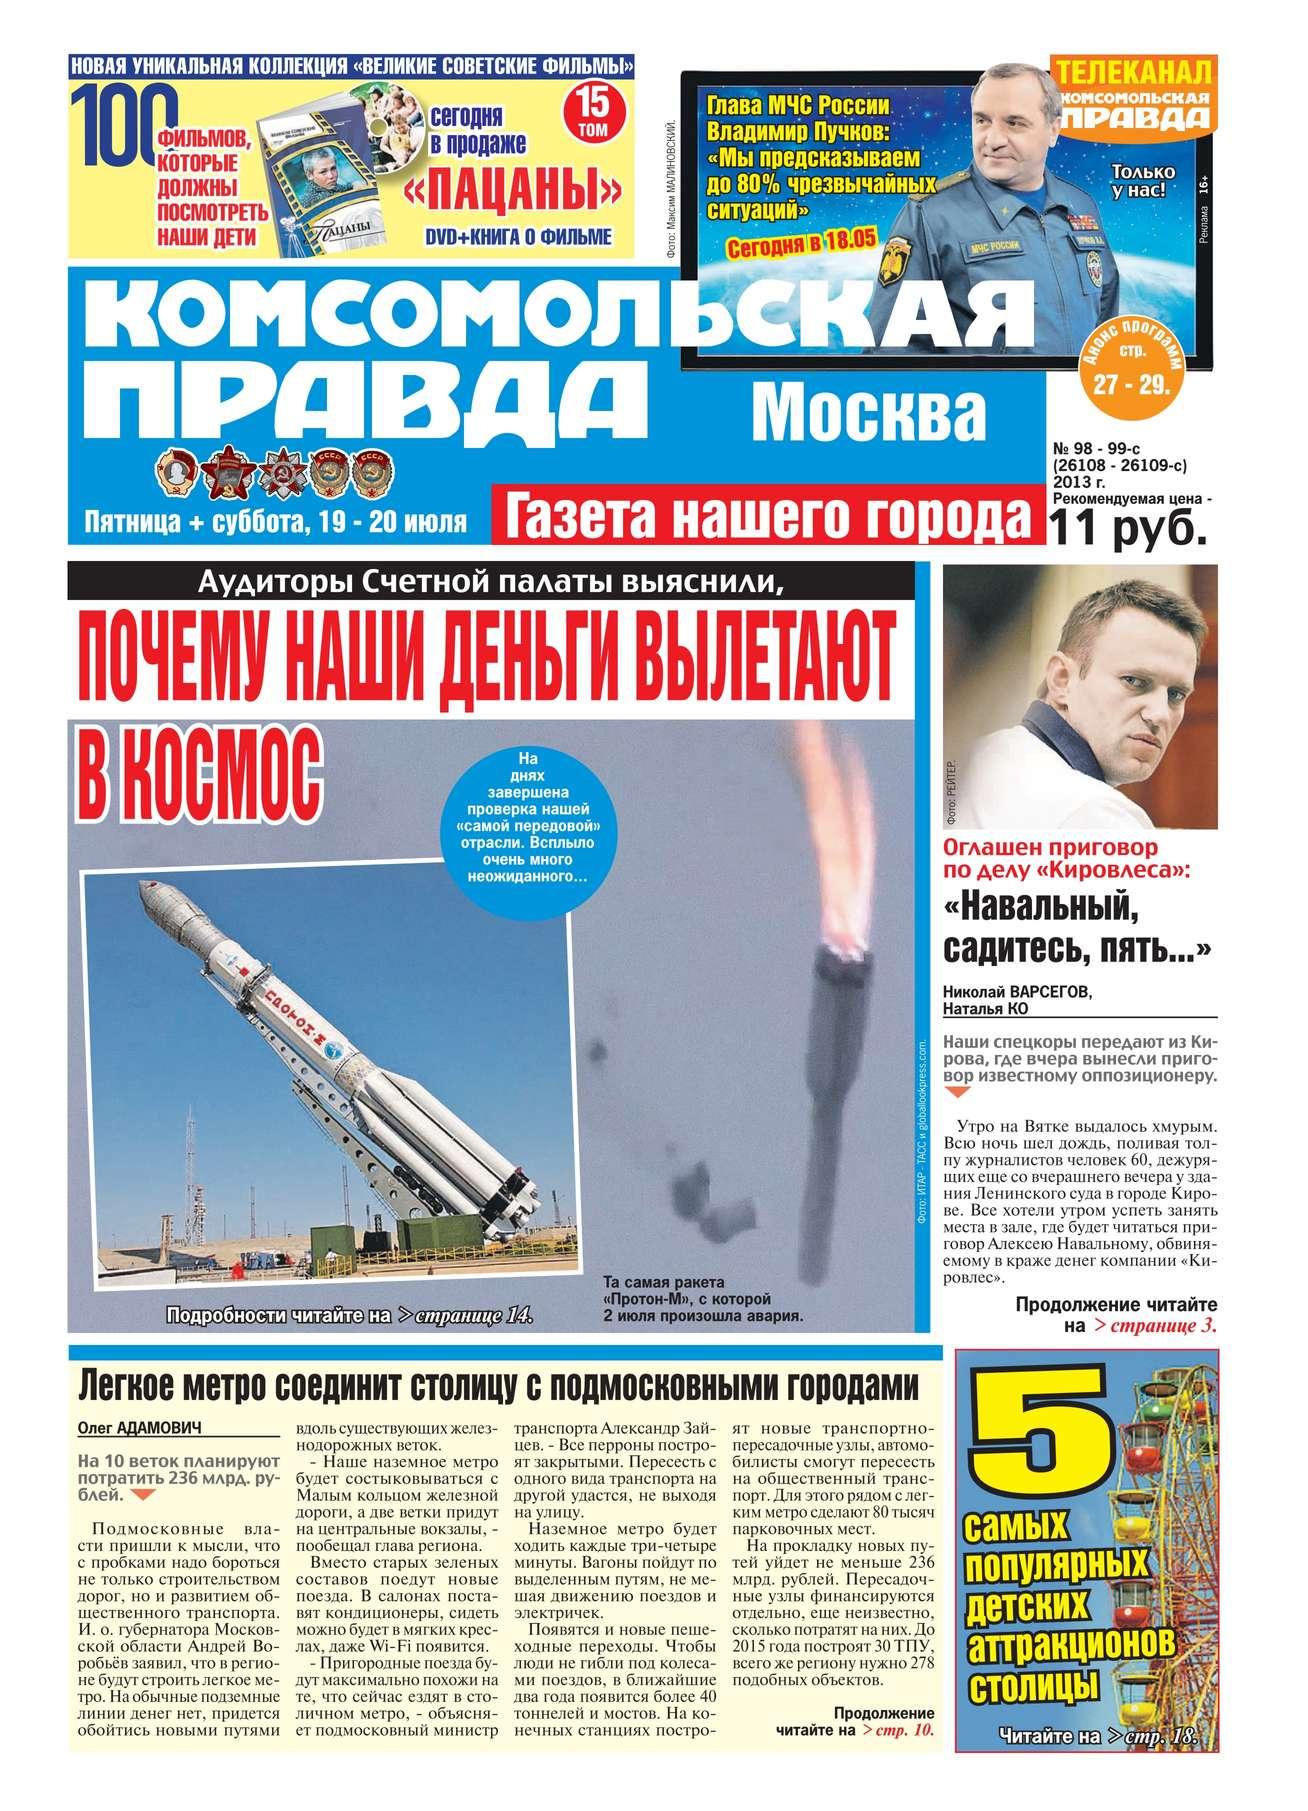 Комсомольская Правда. Москва 98-99